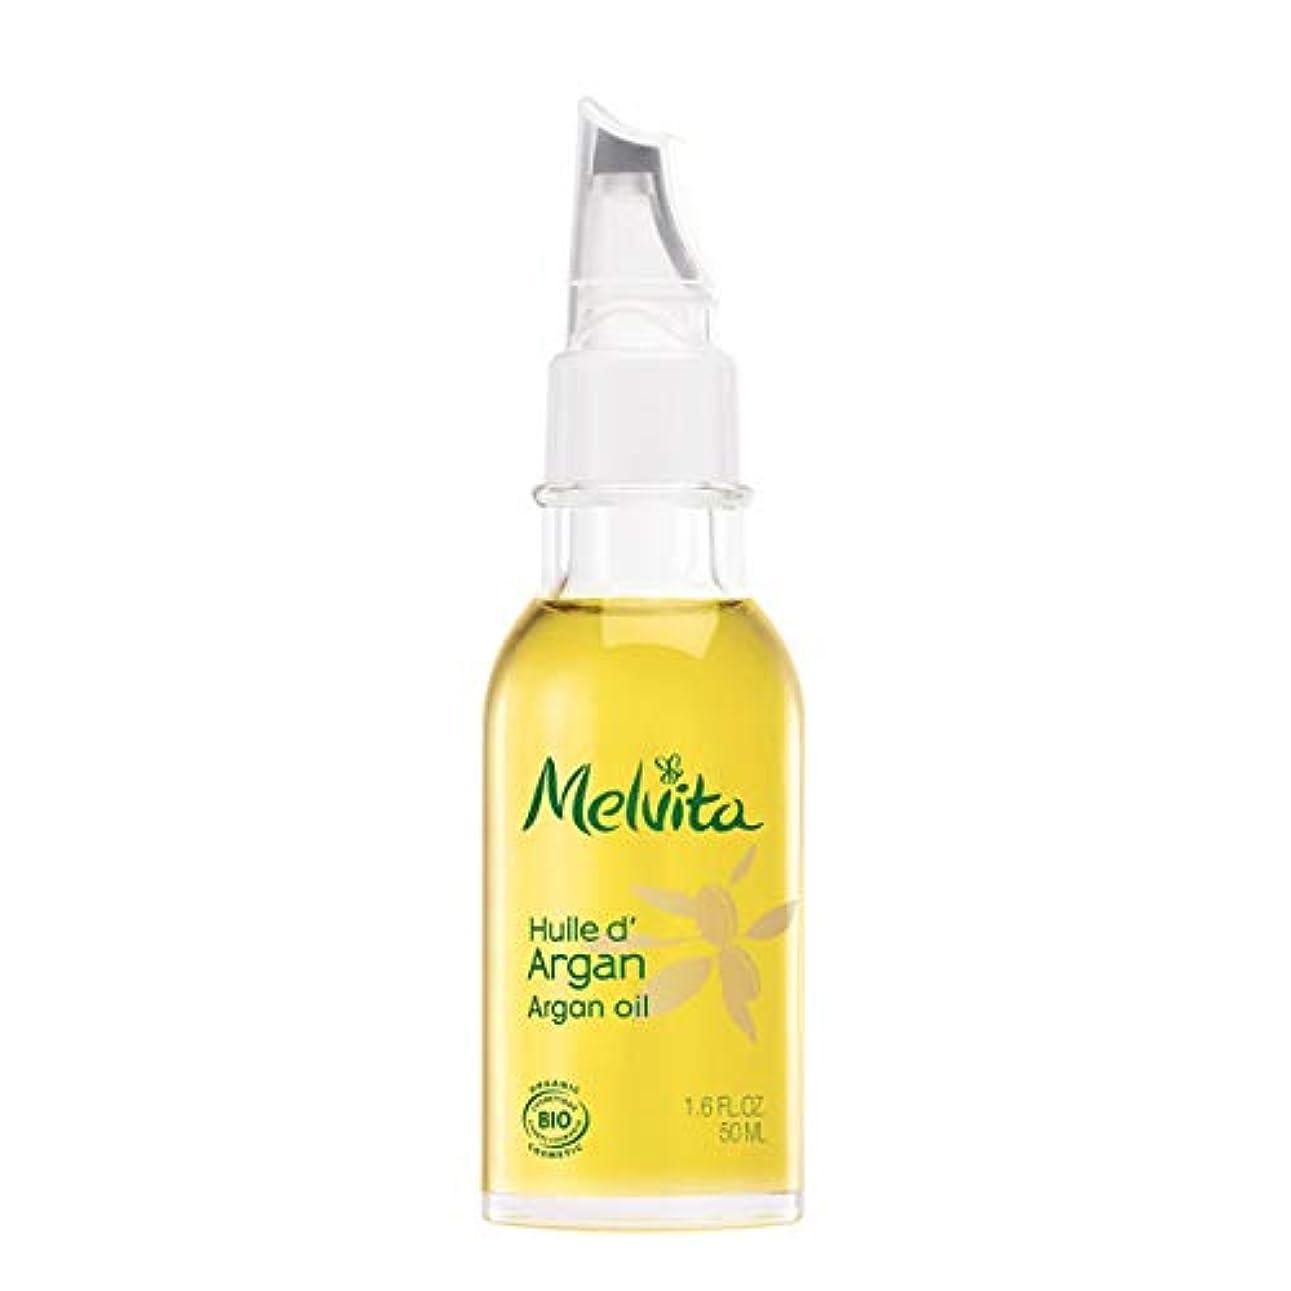 重なる薬局風味メルヴィータ ビオオイル アルガンオイル 50ml メルヴィータ Melvita [並行輸入品]